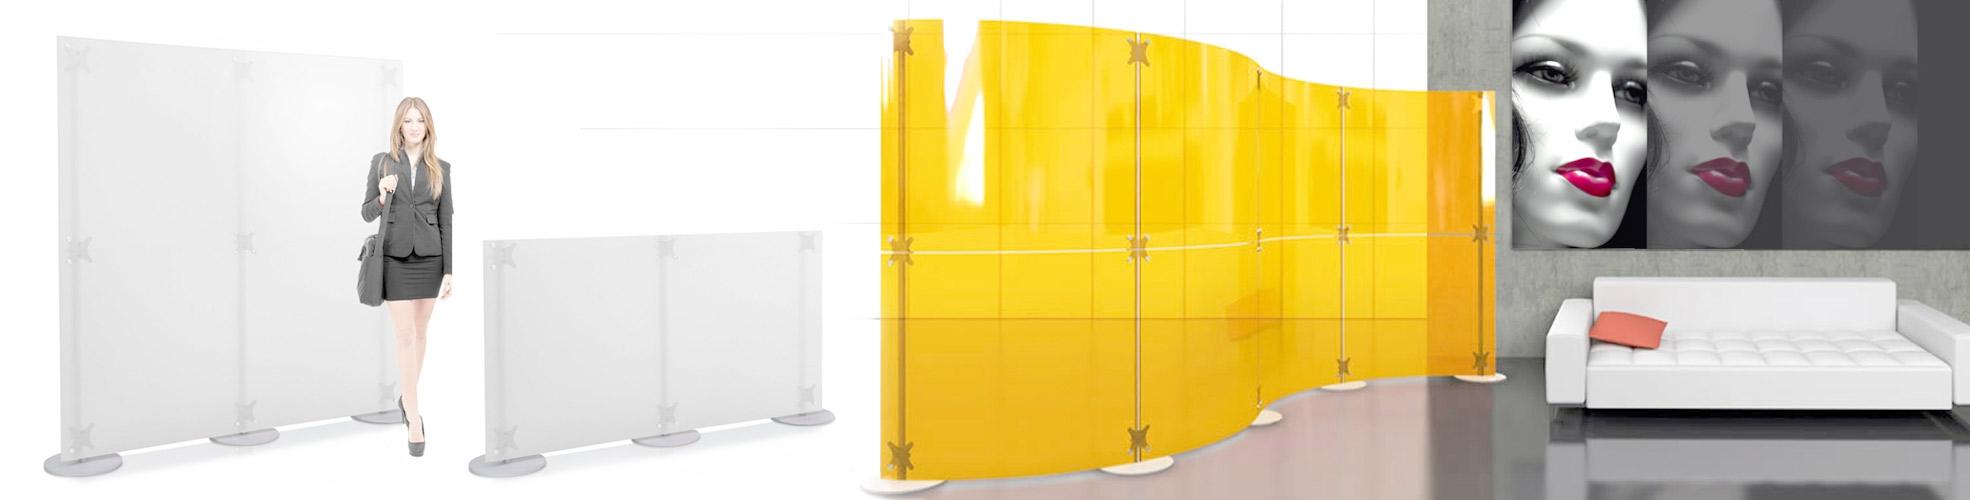 Divisori In Legno Interni publibeta® | pareti e pannelli divisorii - per uffici ed